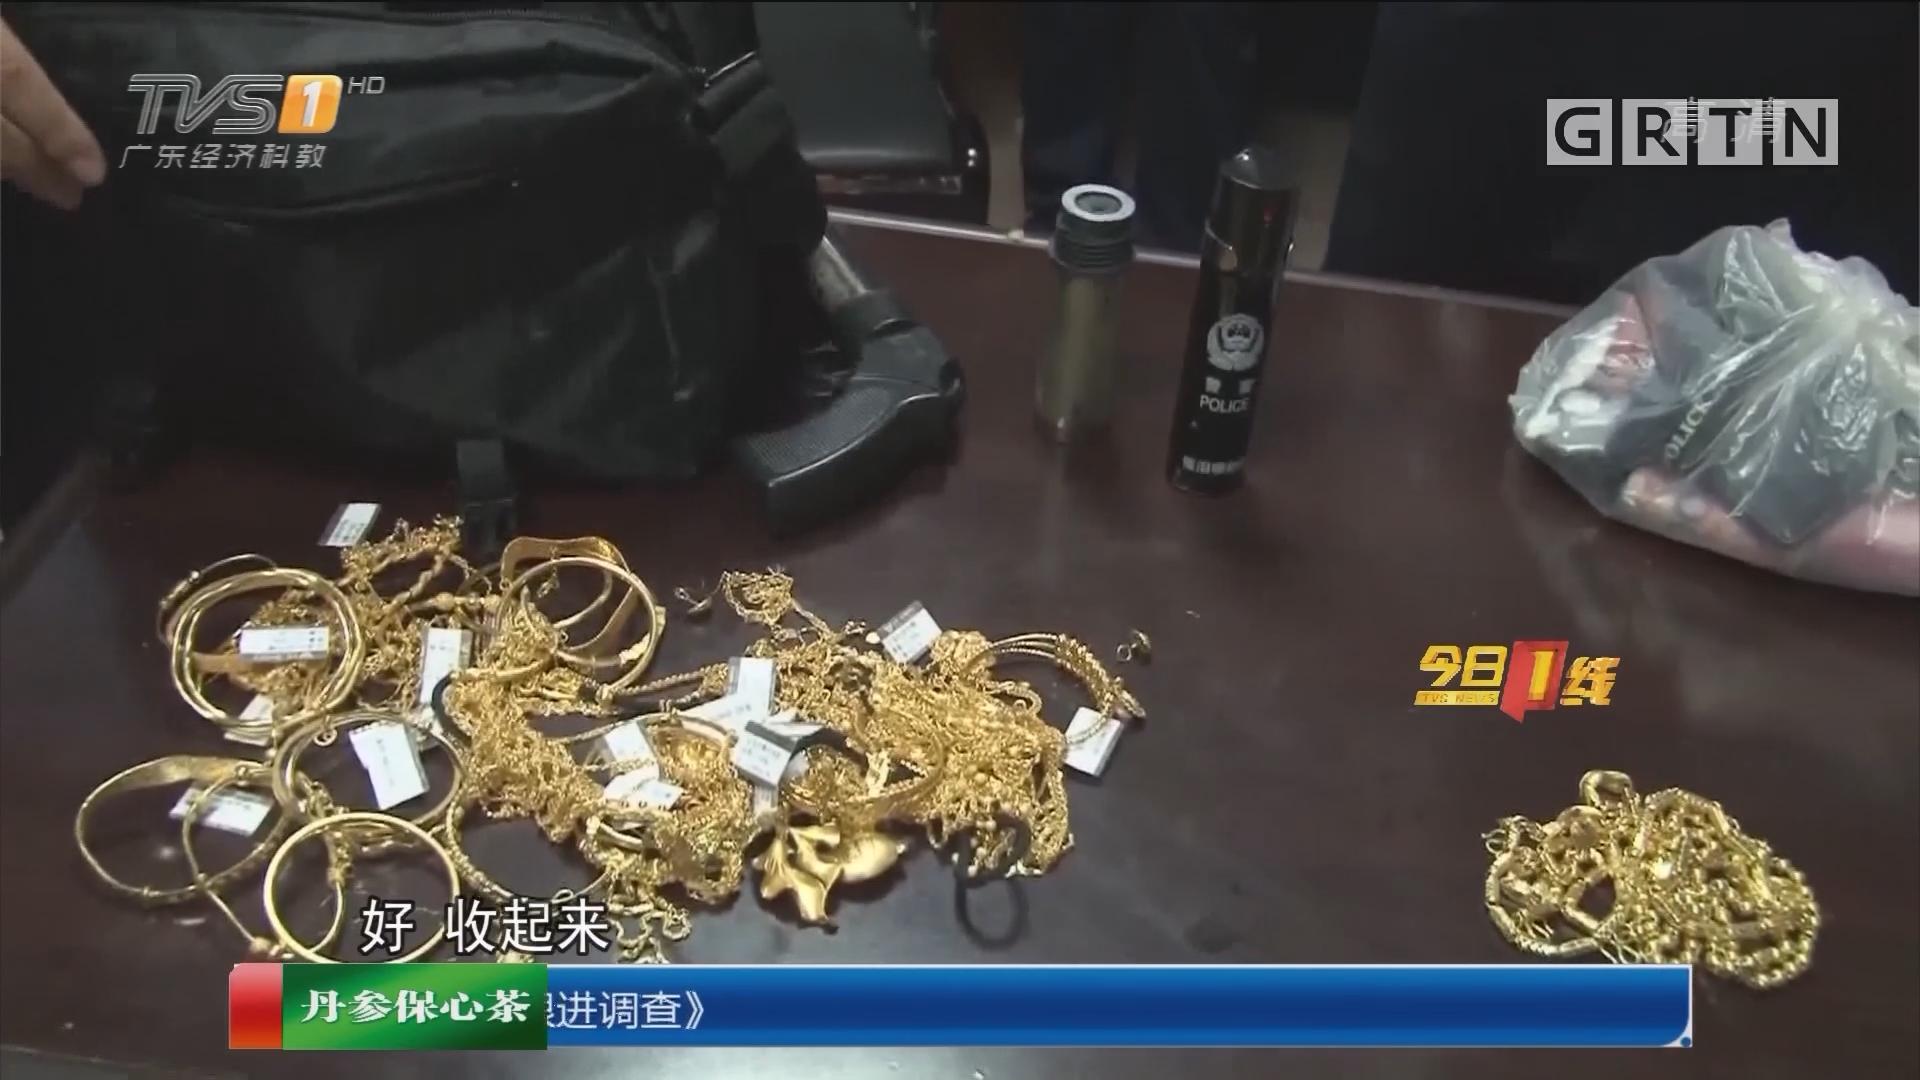 梅州丰顺:持械抢劫珠宝店 警方16小时擒凶